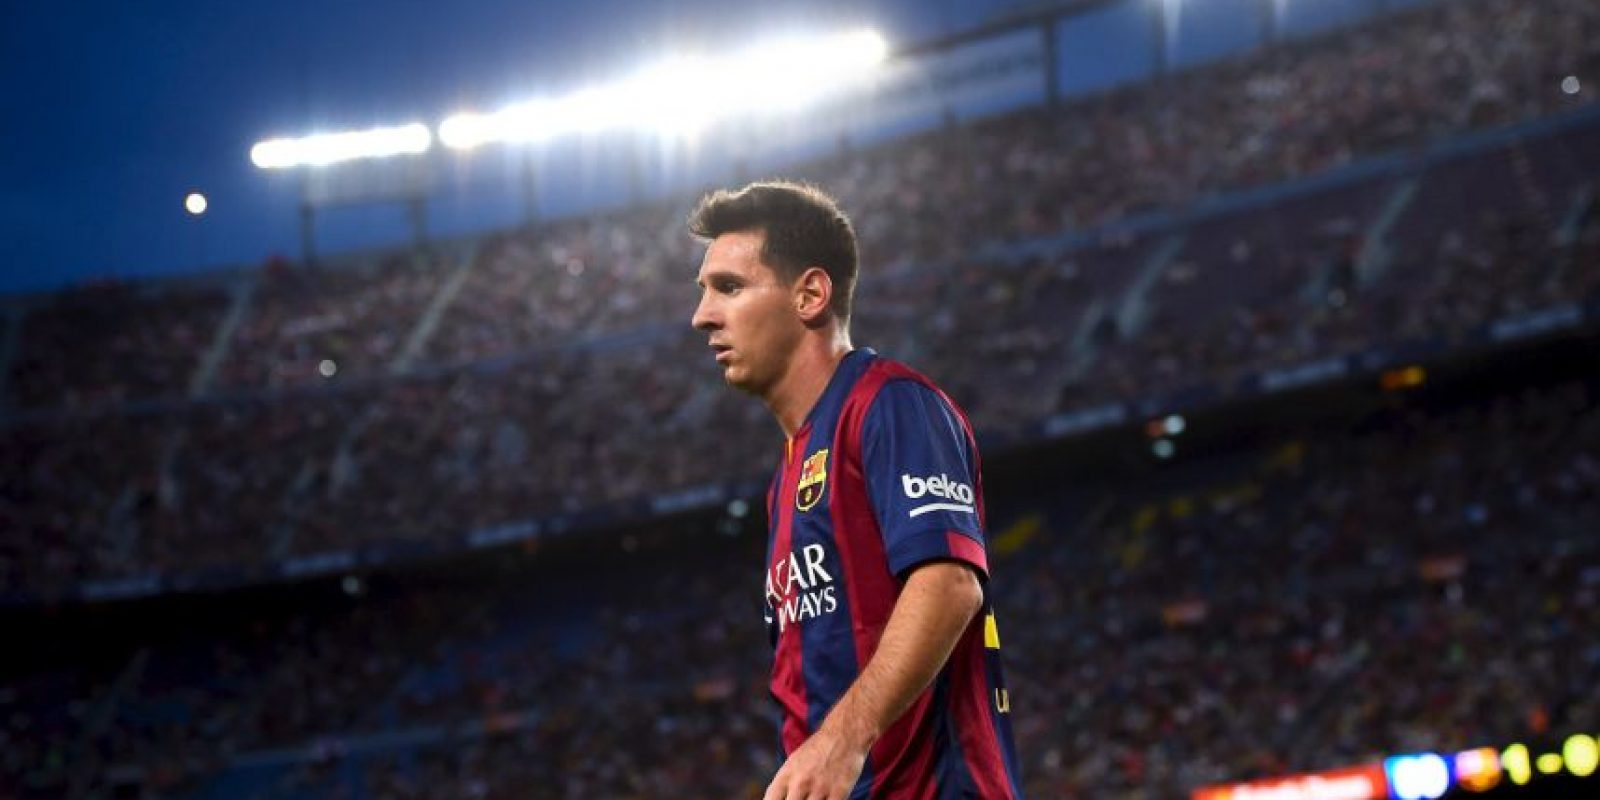 """Hasta el momento, la """"Pulga"""" tiene 7 ligas de España, 3 Copas del Rey y 6 Supercopas de España. Foto:Getty Images"""